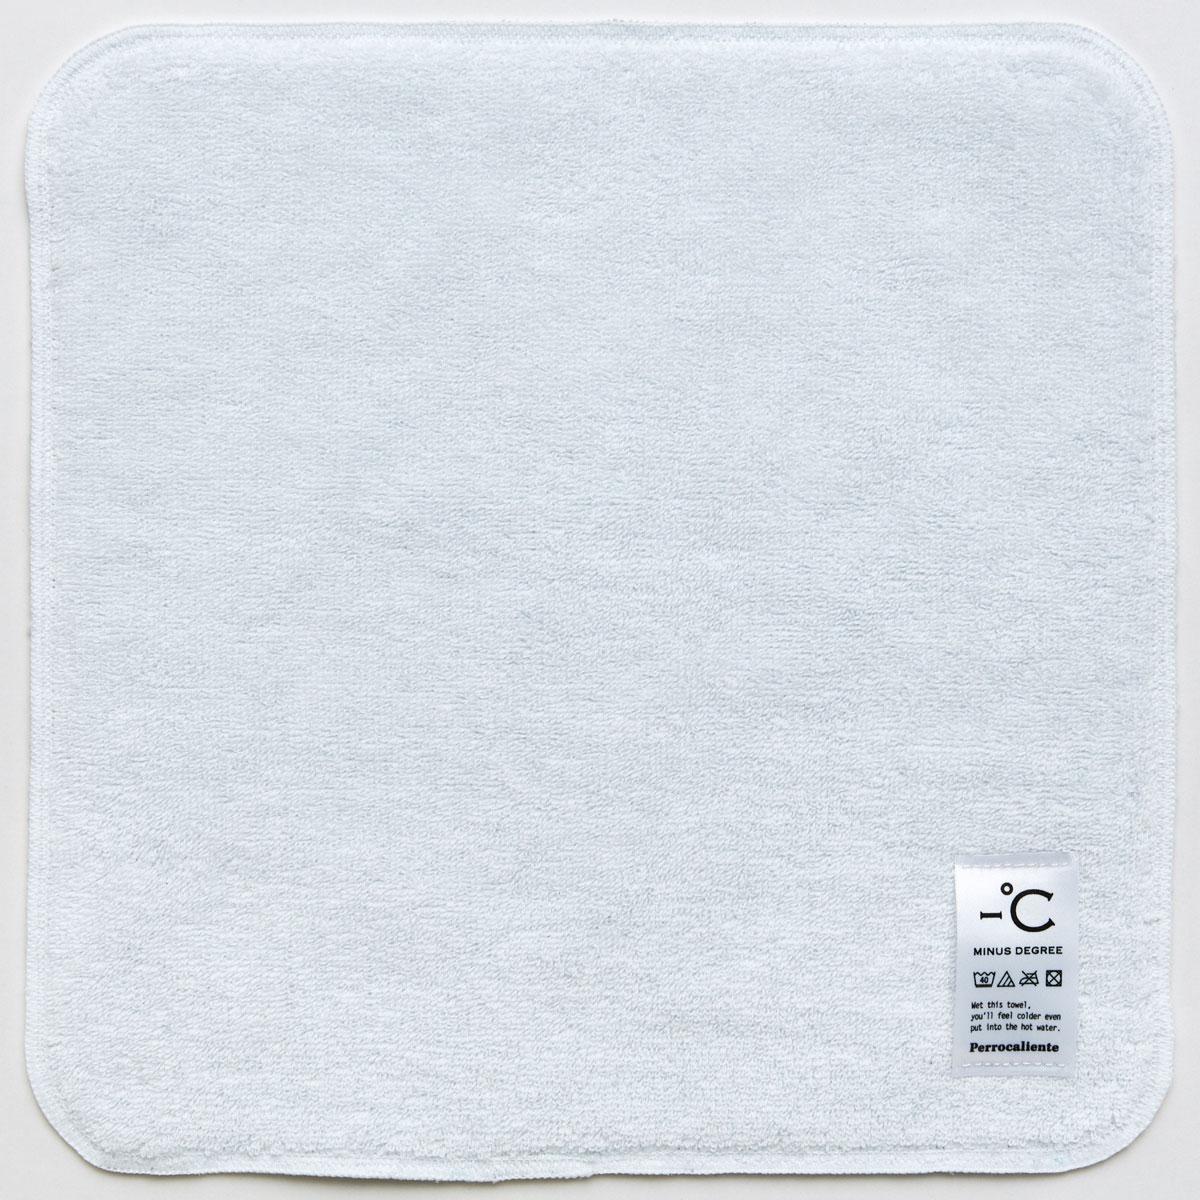 【選べるカラー】ハンカチ -°C MINUS DEGREE タオルハンカチ ハンドタオル マイナス ディグリー クールホワイト